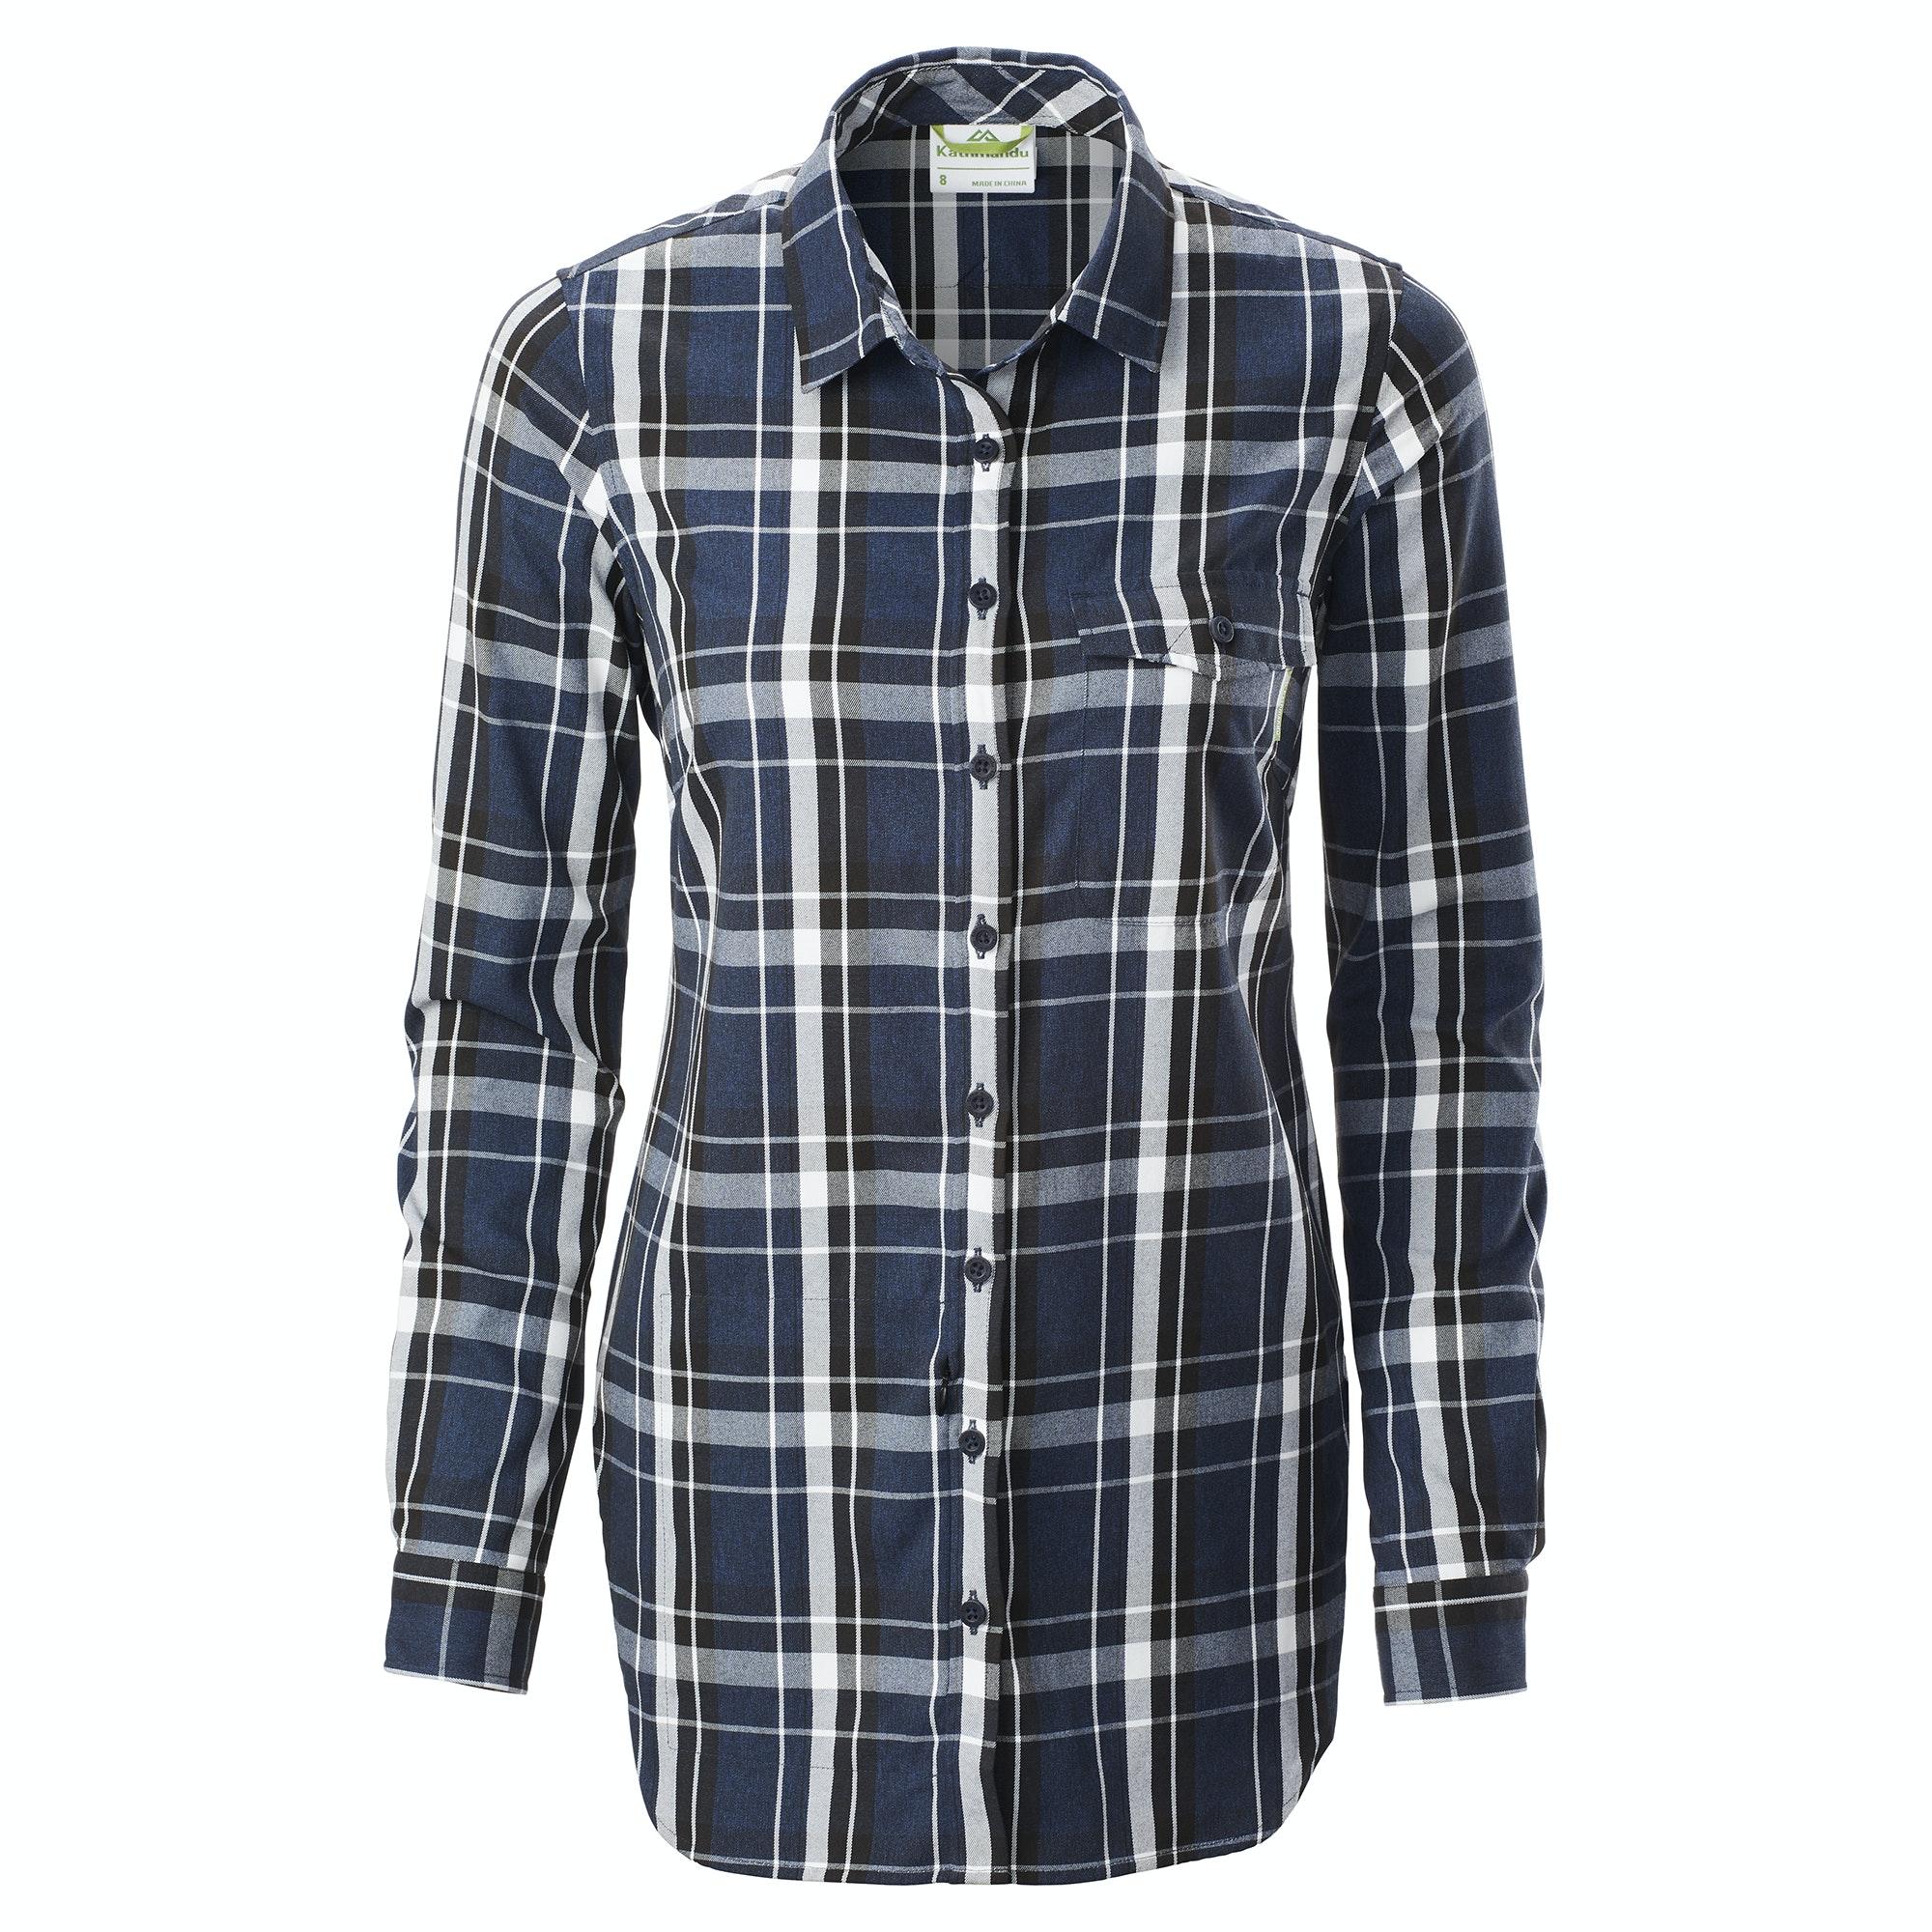 Federate Wmns L/S Shirt v3